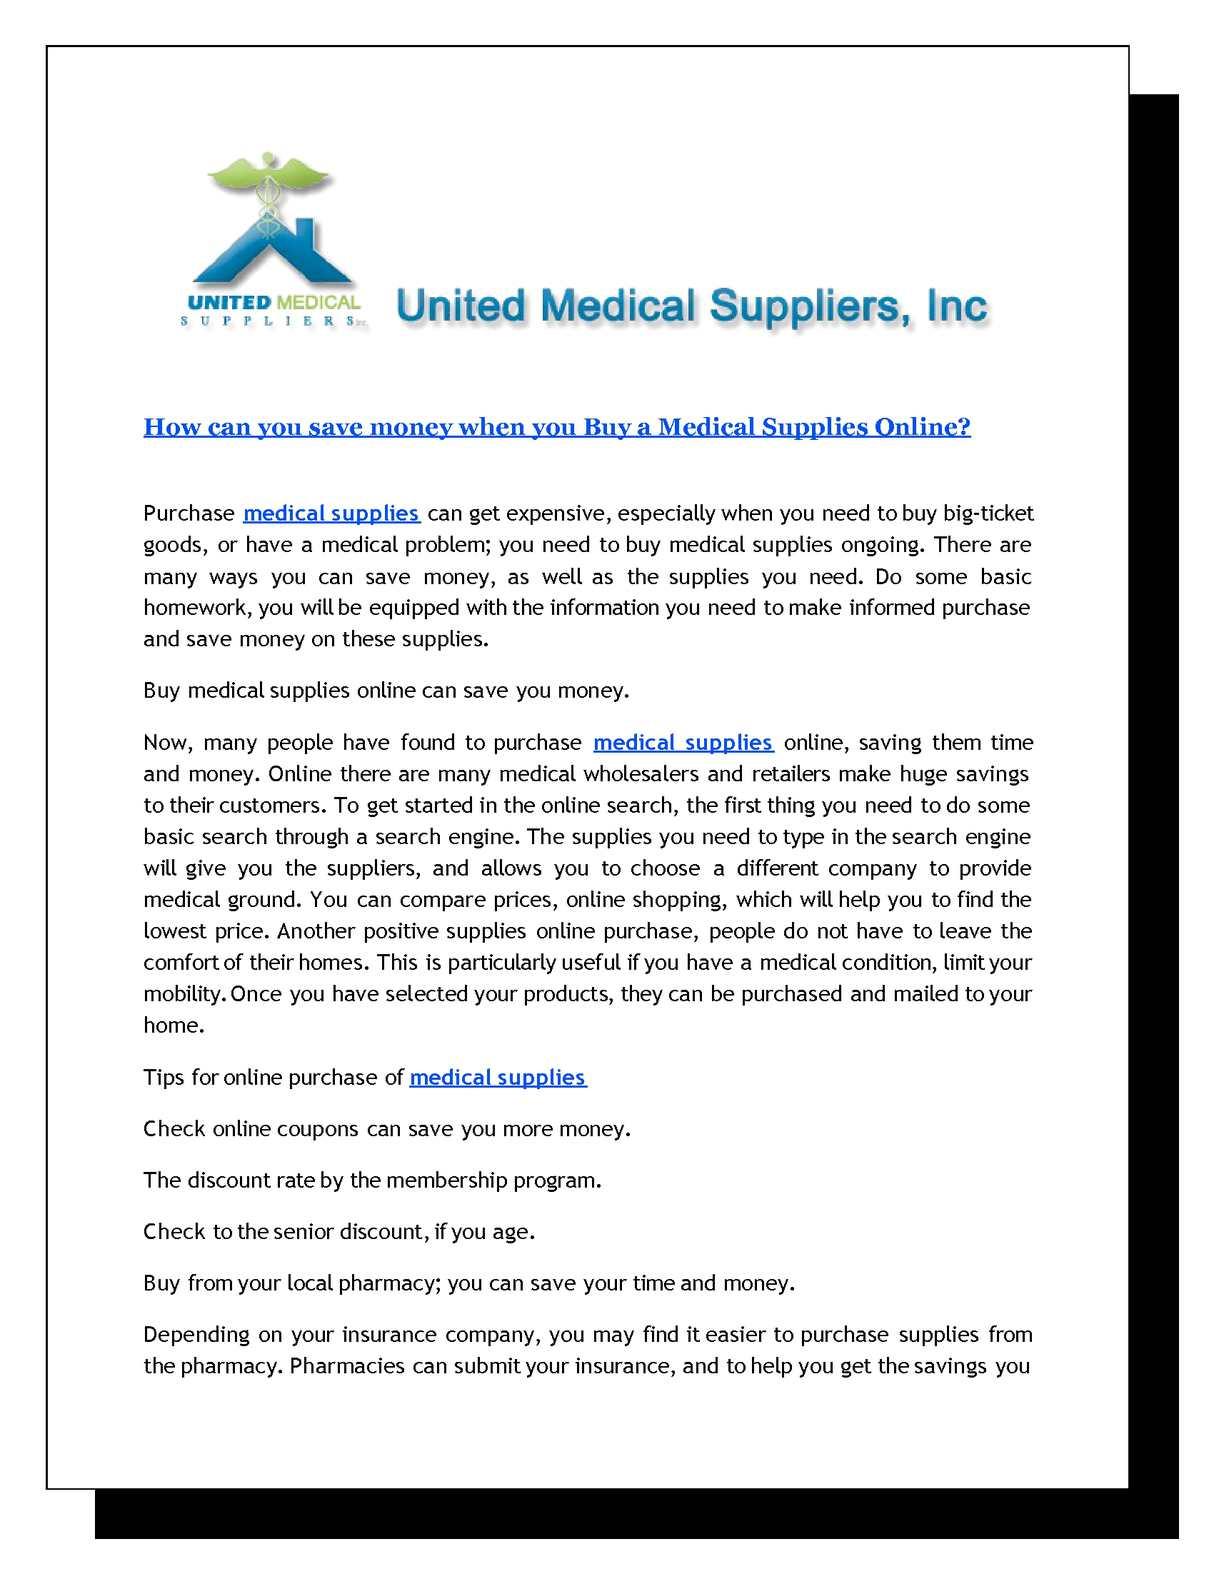 Where do you buy medical supplies 7